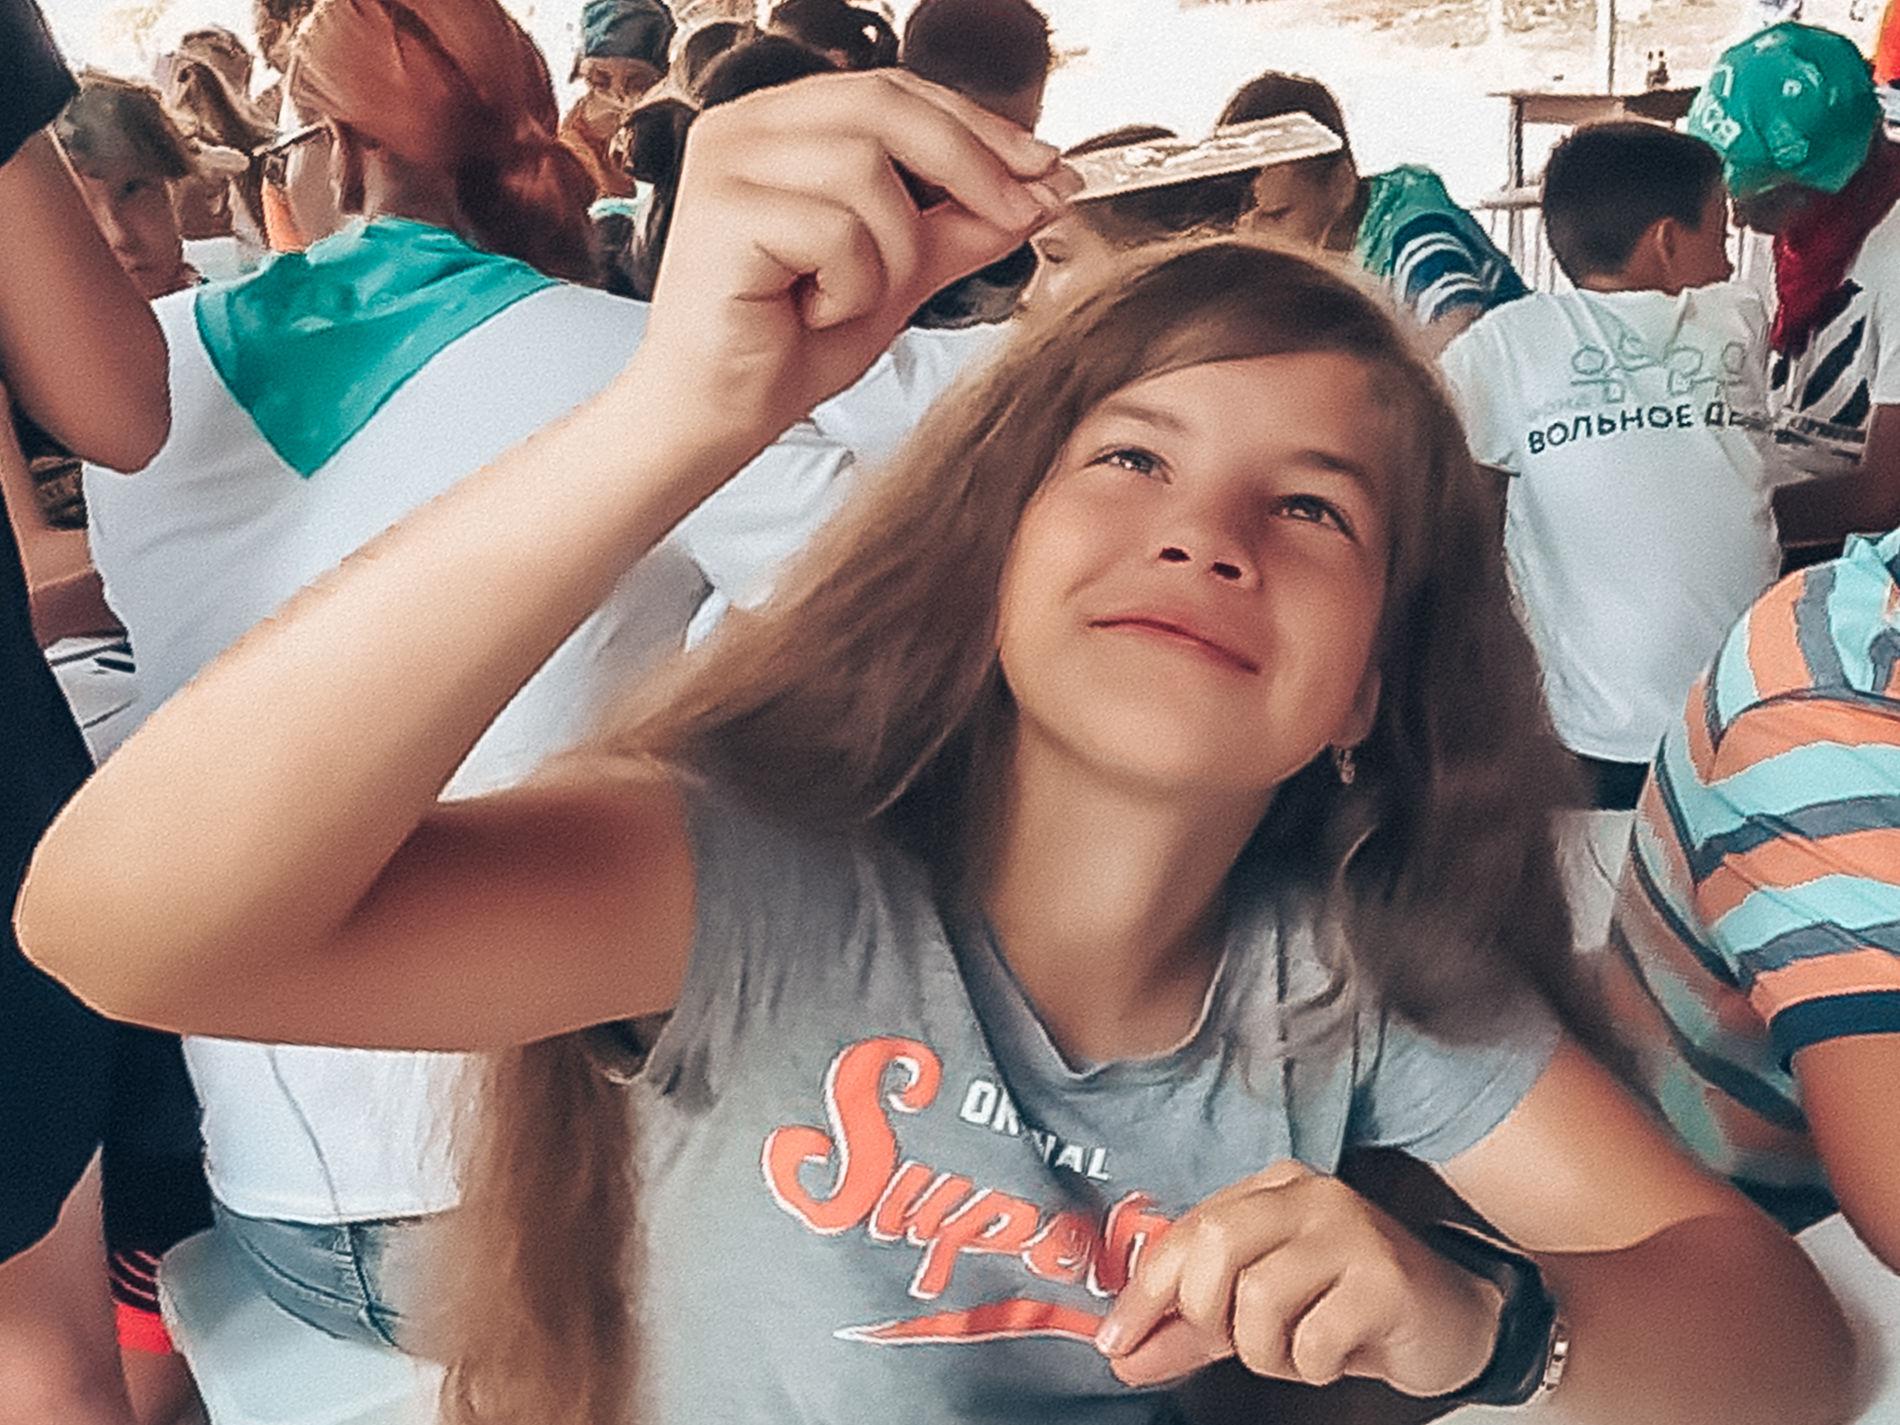 Летняя смена «Экология моря: зазеркалье» в Ломоносовском лагере. Август 2019 года ©Фото пресс-службы фонда «Вольное дело»